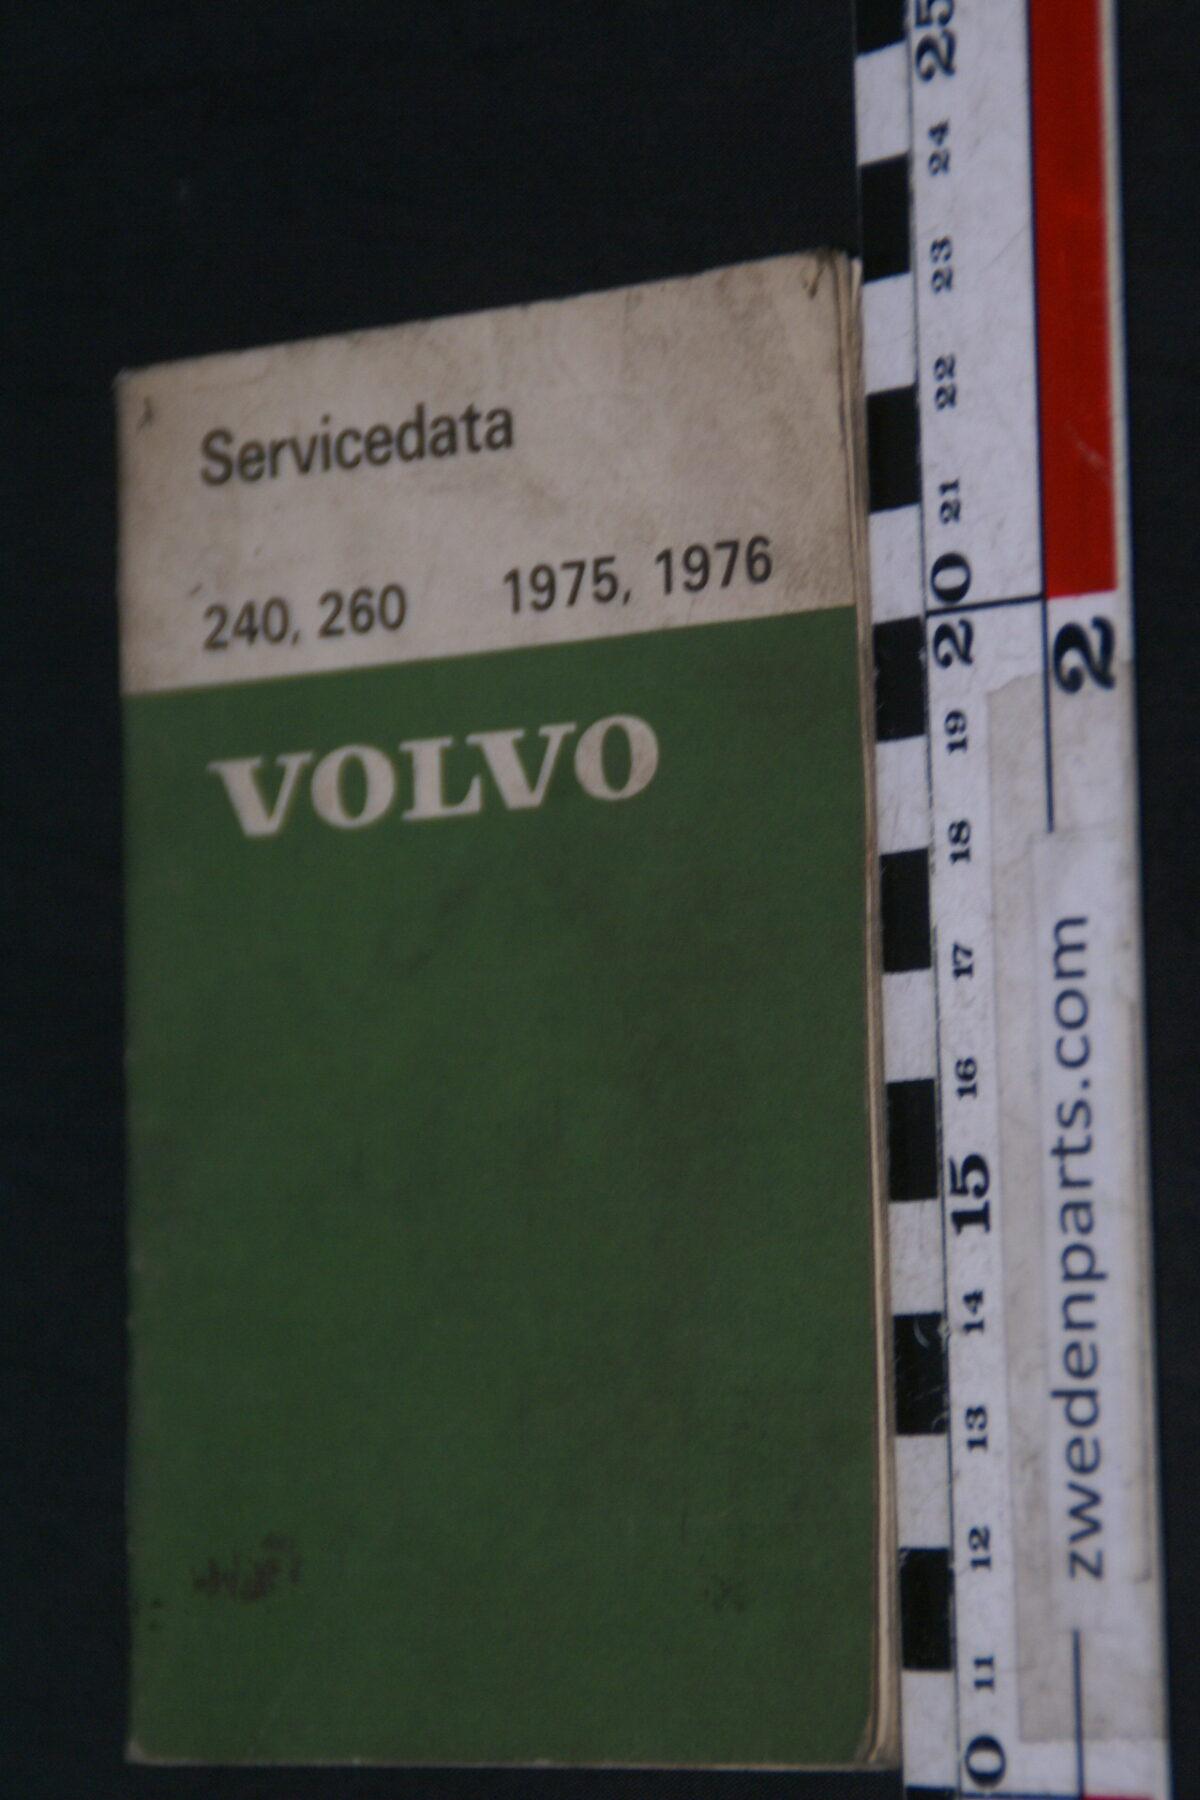 DSC09006 1975 origineel  Volvo 240, 260 1975, 1976 servicezakboek 1 van 2.000 nr 88361-2